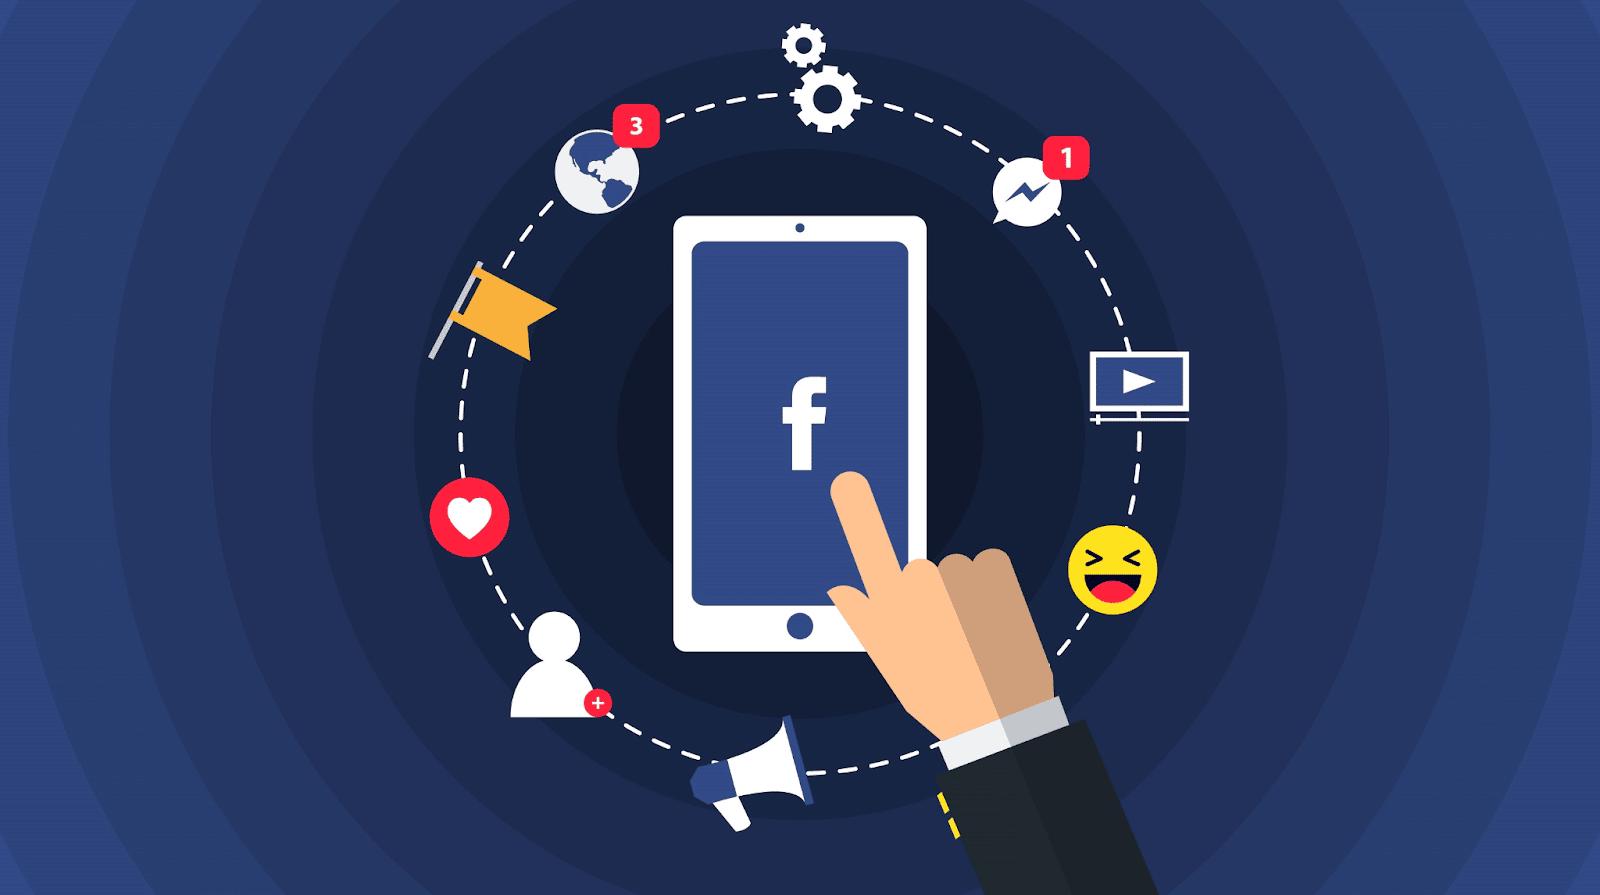 Token Facebook để cho các lập trình viên tăng trưởng mở rộng thêm về tích hợp các API và APP trên kênh Facebook